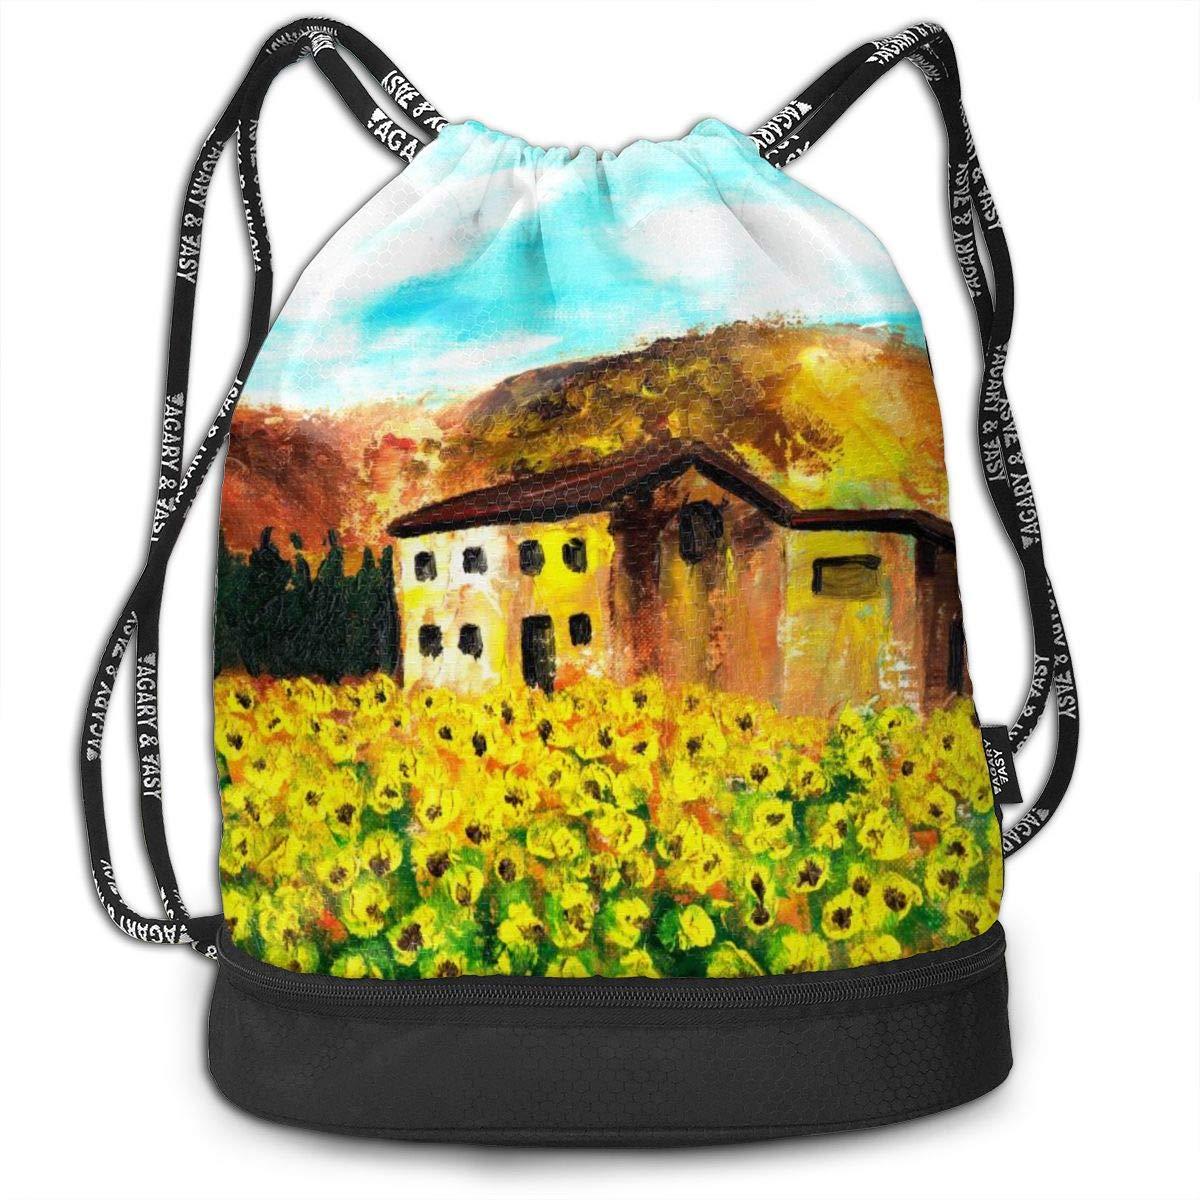 Drawstring Backpack Sunflower Bags Knapsack For Hiking